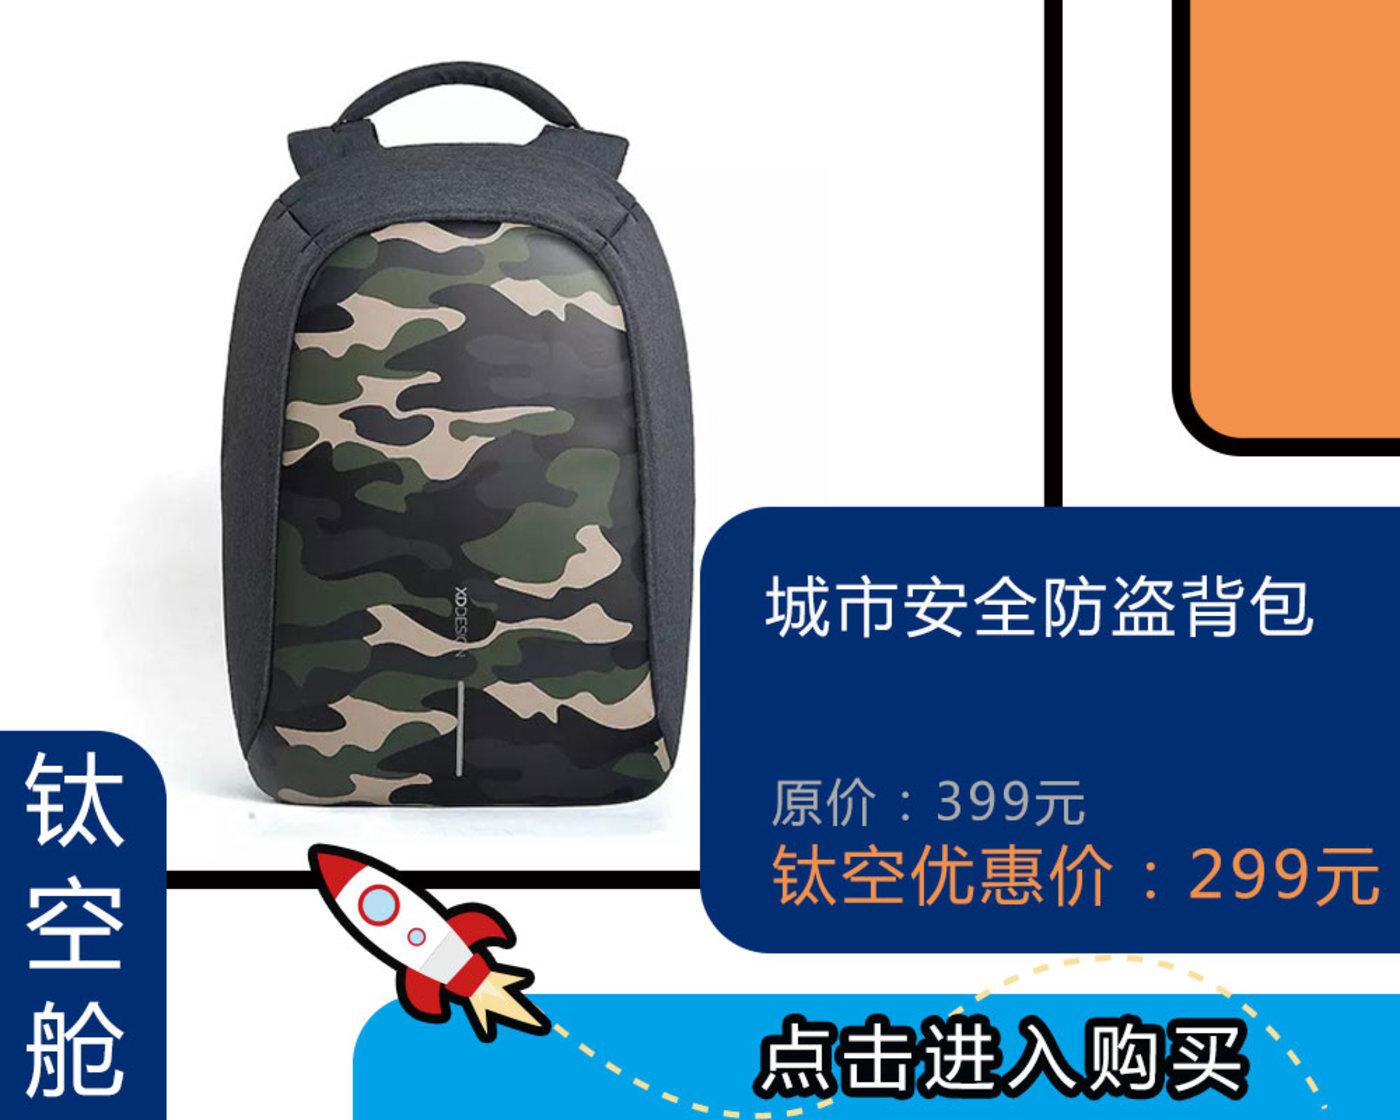 背上最新款XDDESIGN迷彩防盗背包,走起路来都带风!   钛空舱